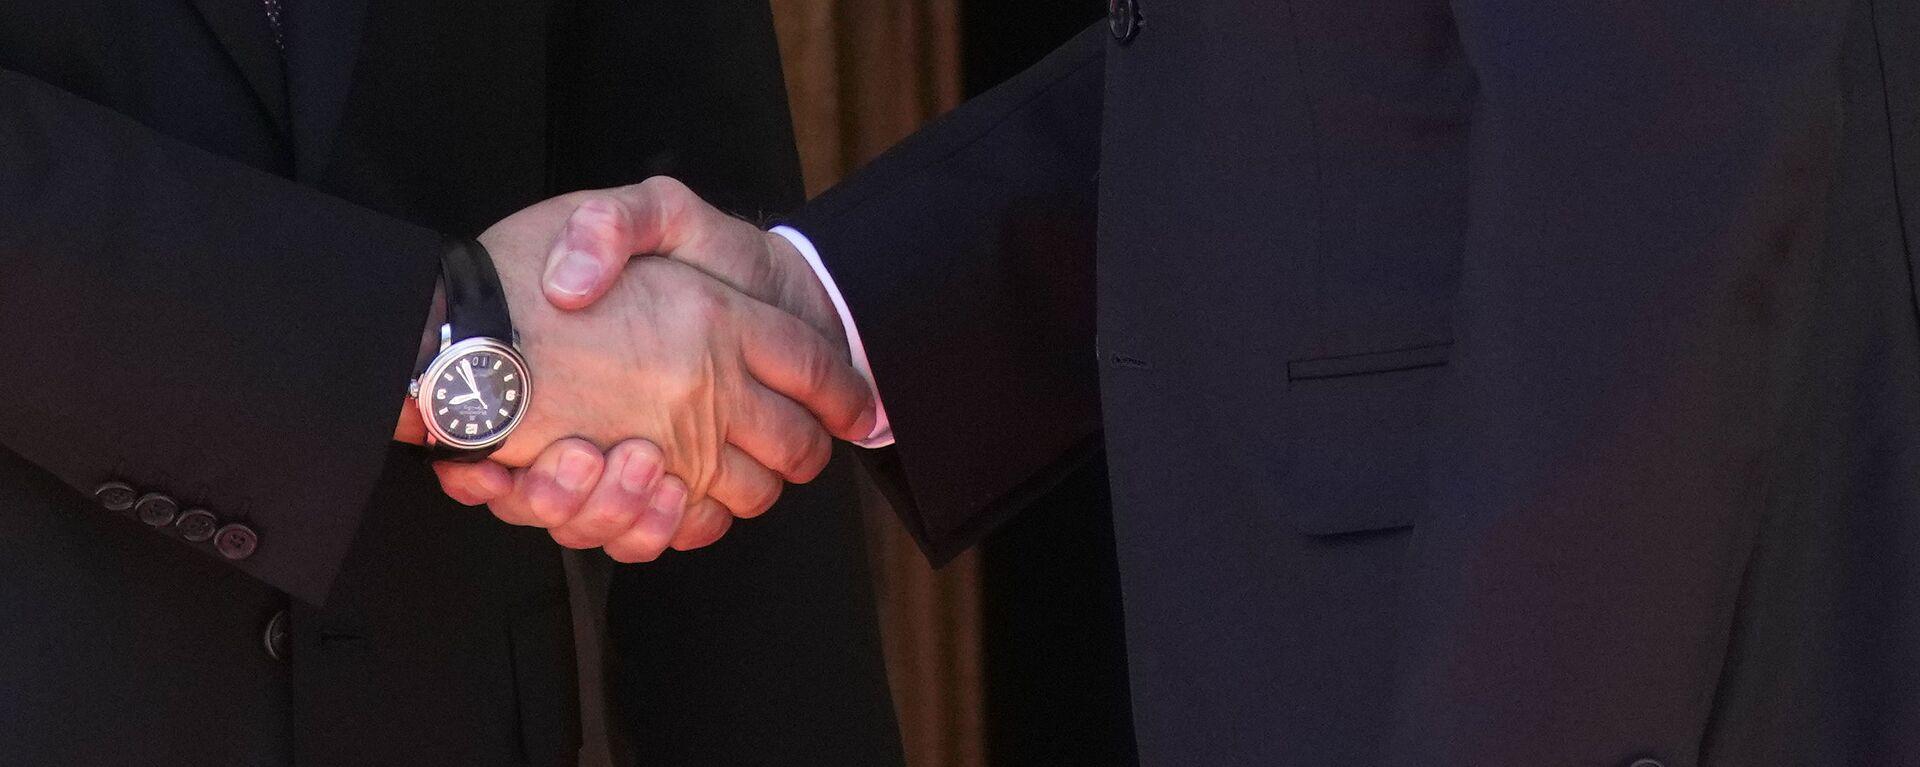 La stretta di mano tra Putin e Biden - Sputnik Italia, 1920, 16.06.2021